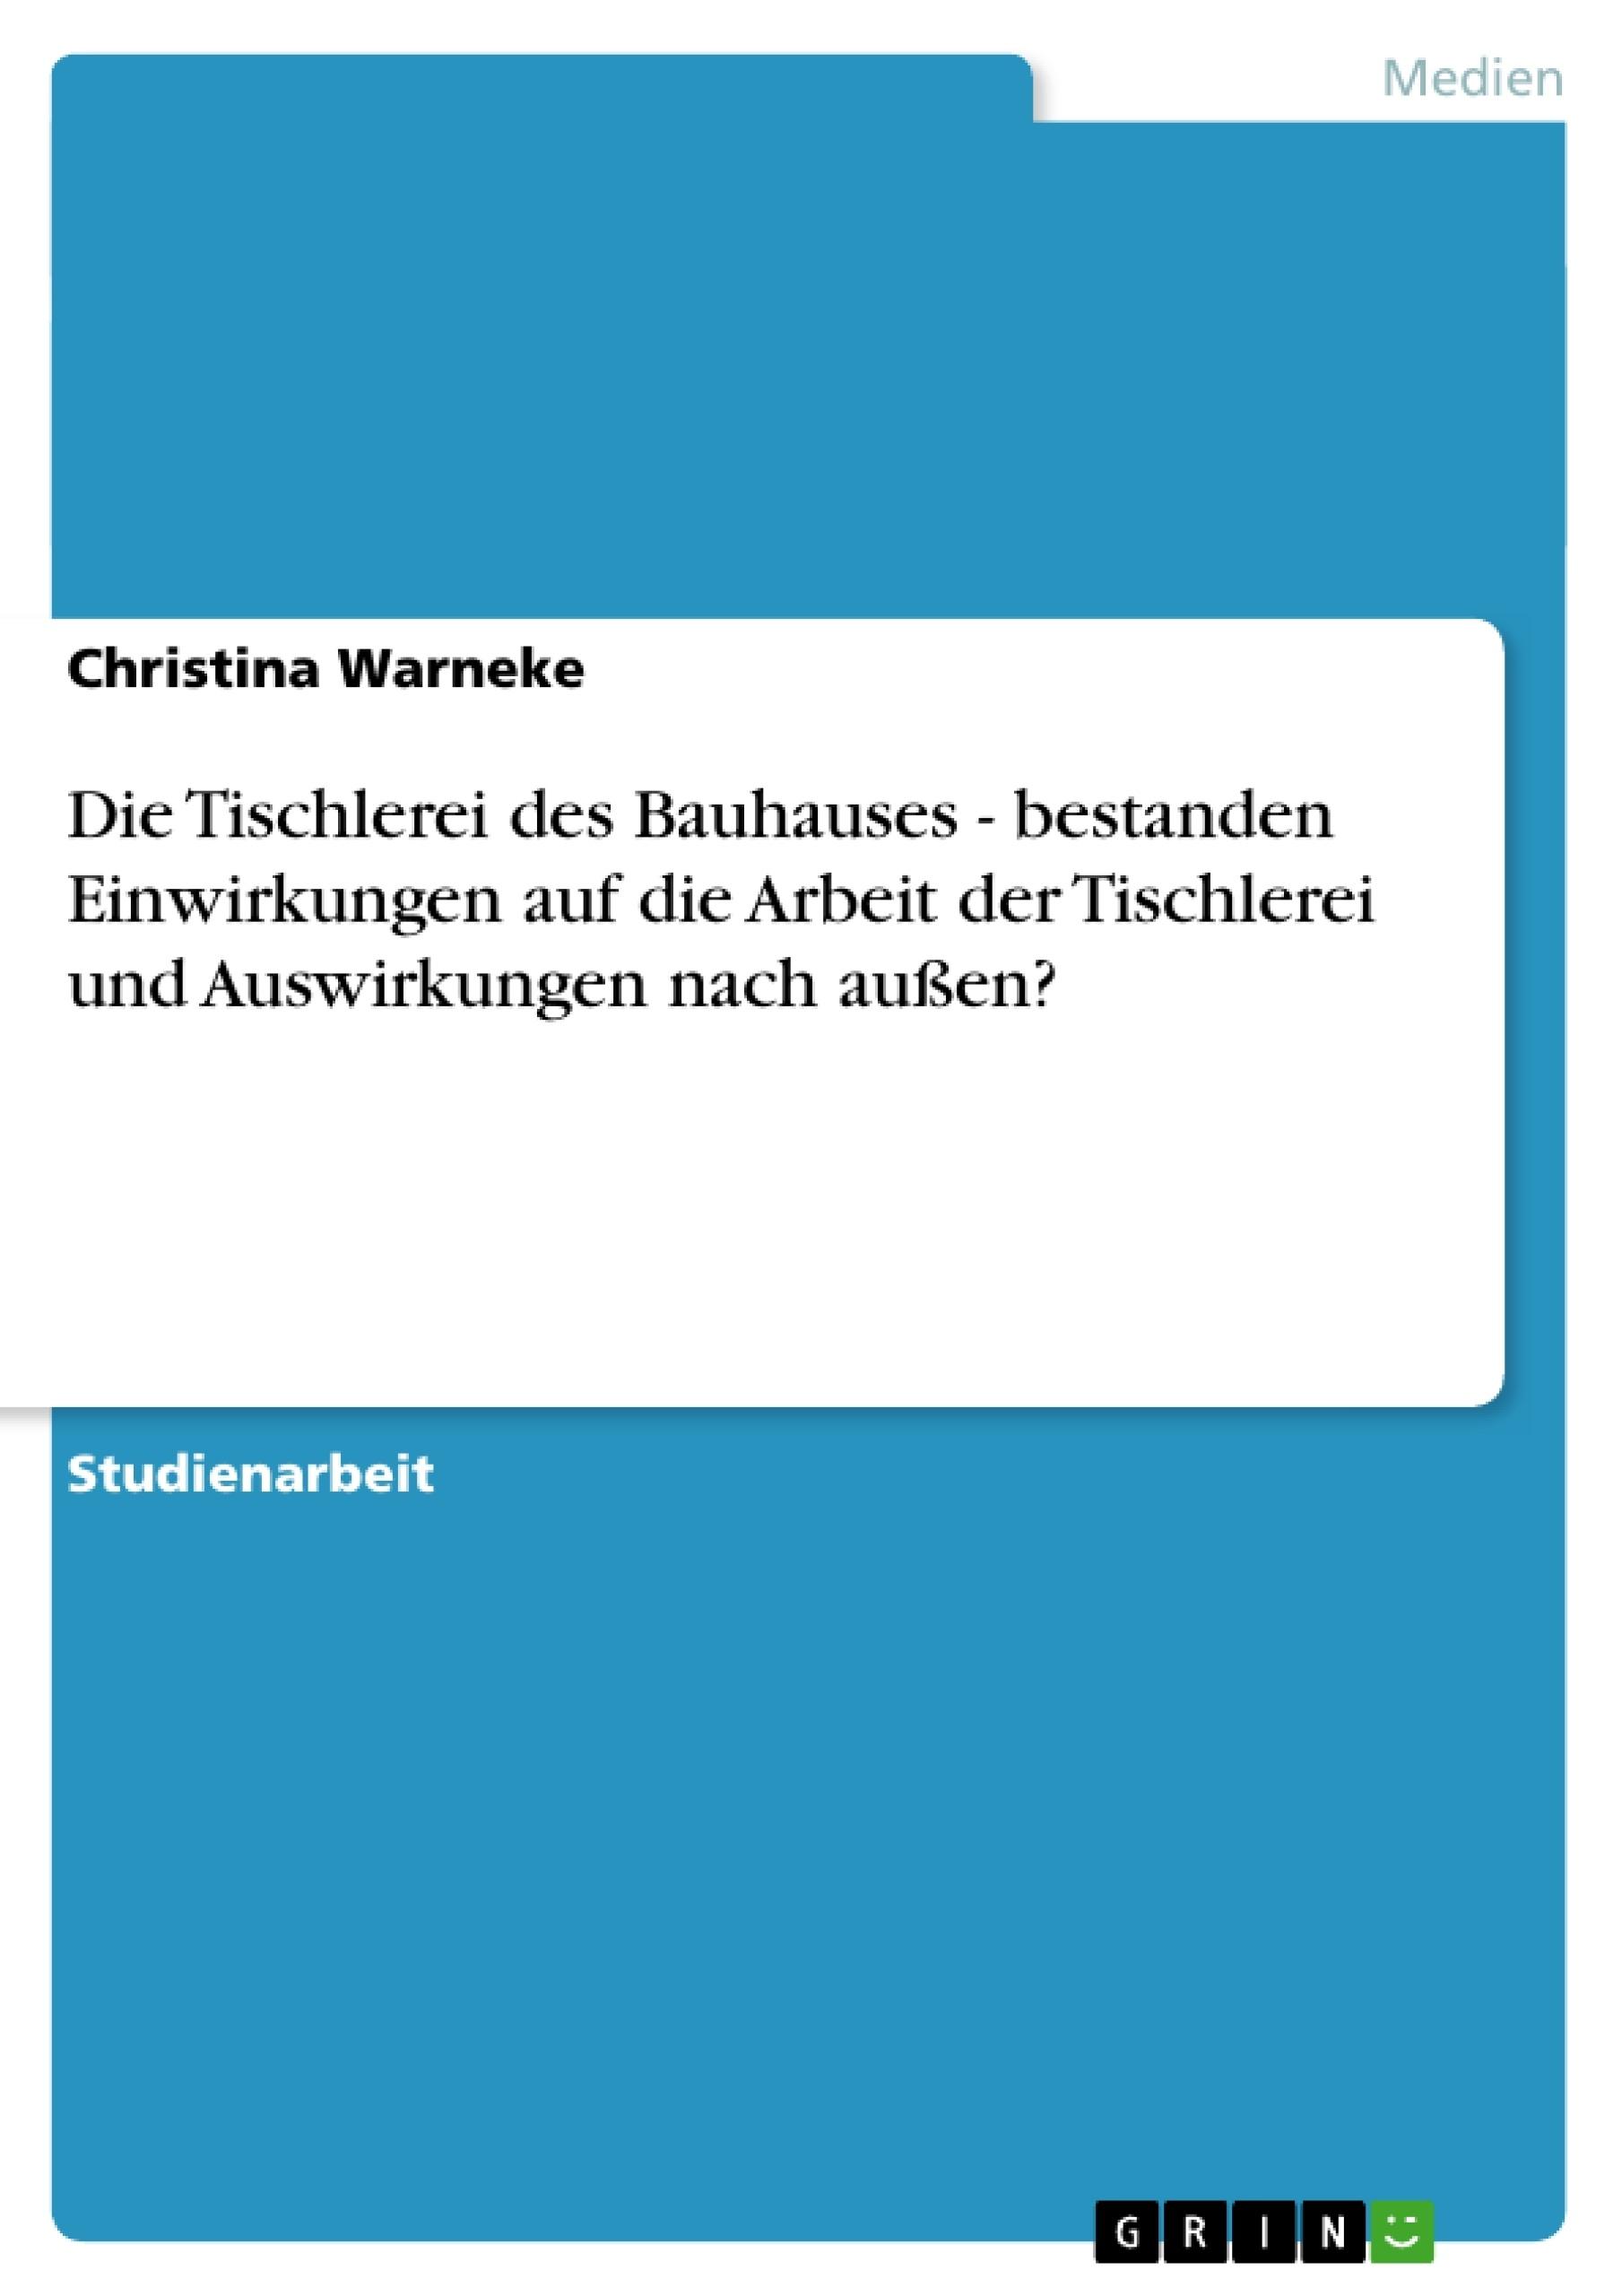 Titel: Die Tischlerei des Bauhauses  -  bestanden Einwirkungen auf die Arbeit der Tischlerei und Auswirkungen nach außen?